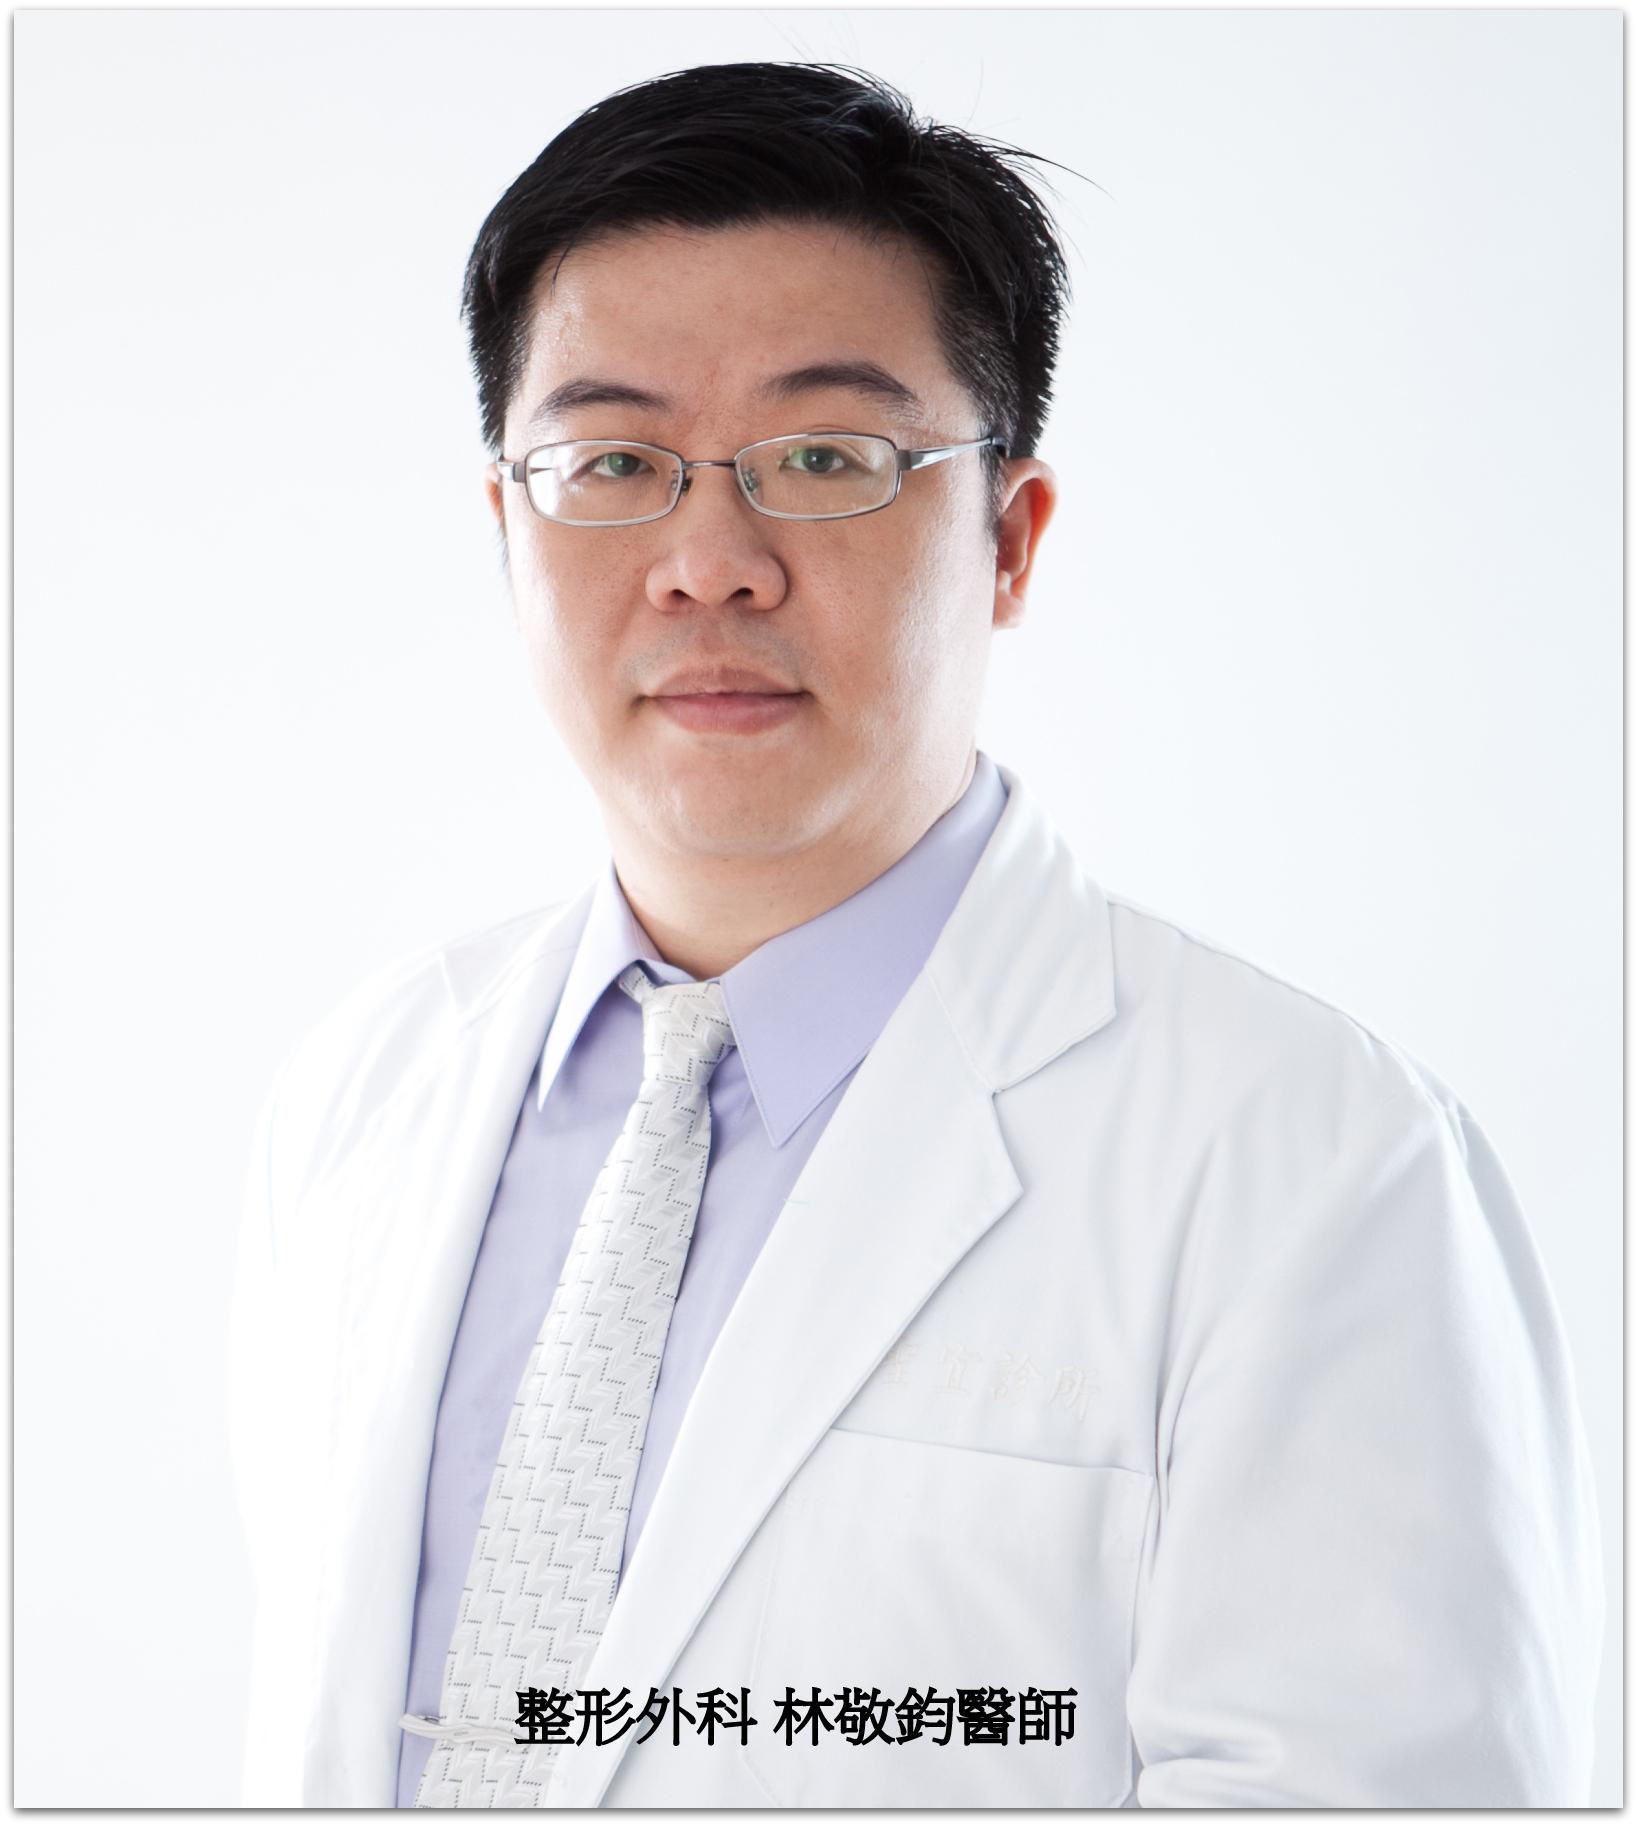 音波拉皮|電波拉皮 - 林敬鈞醫師